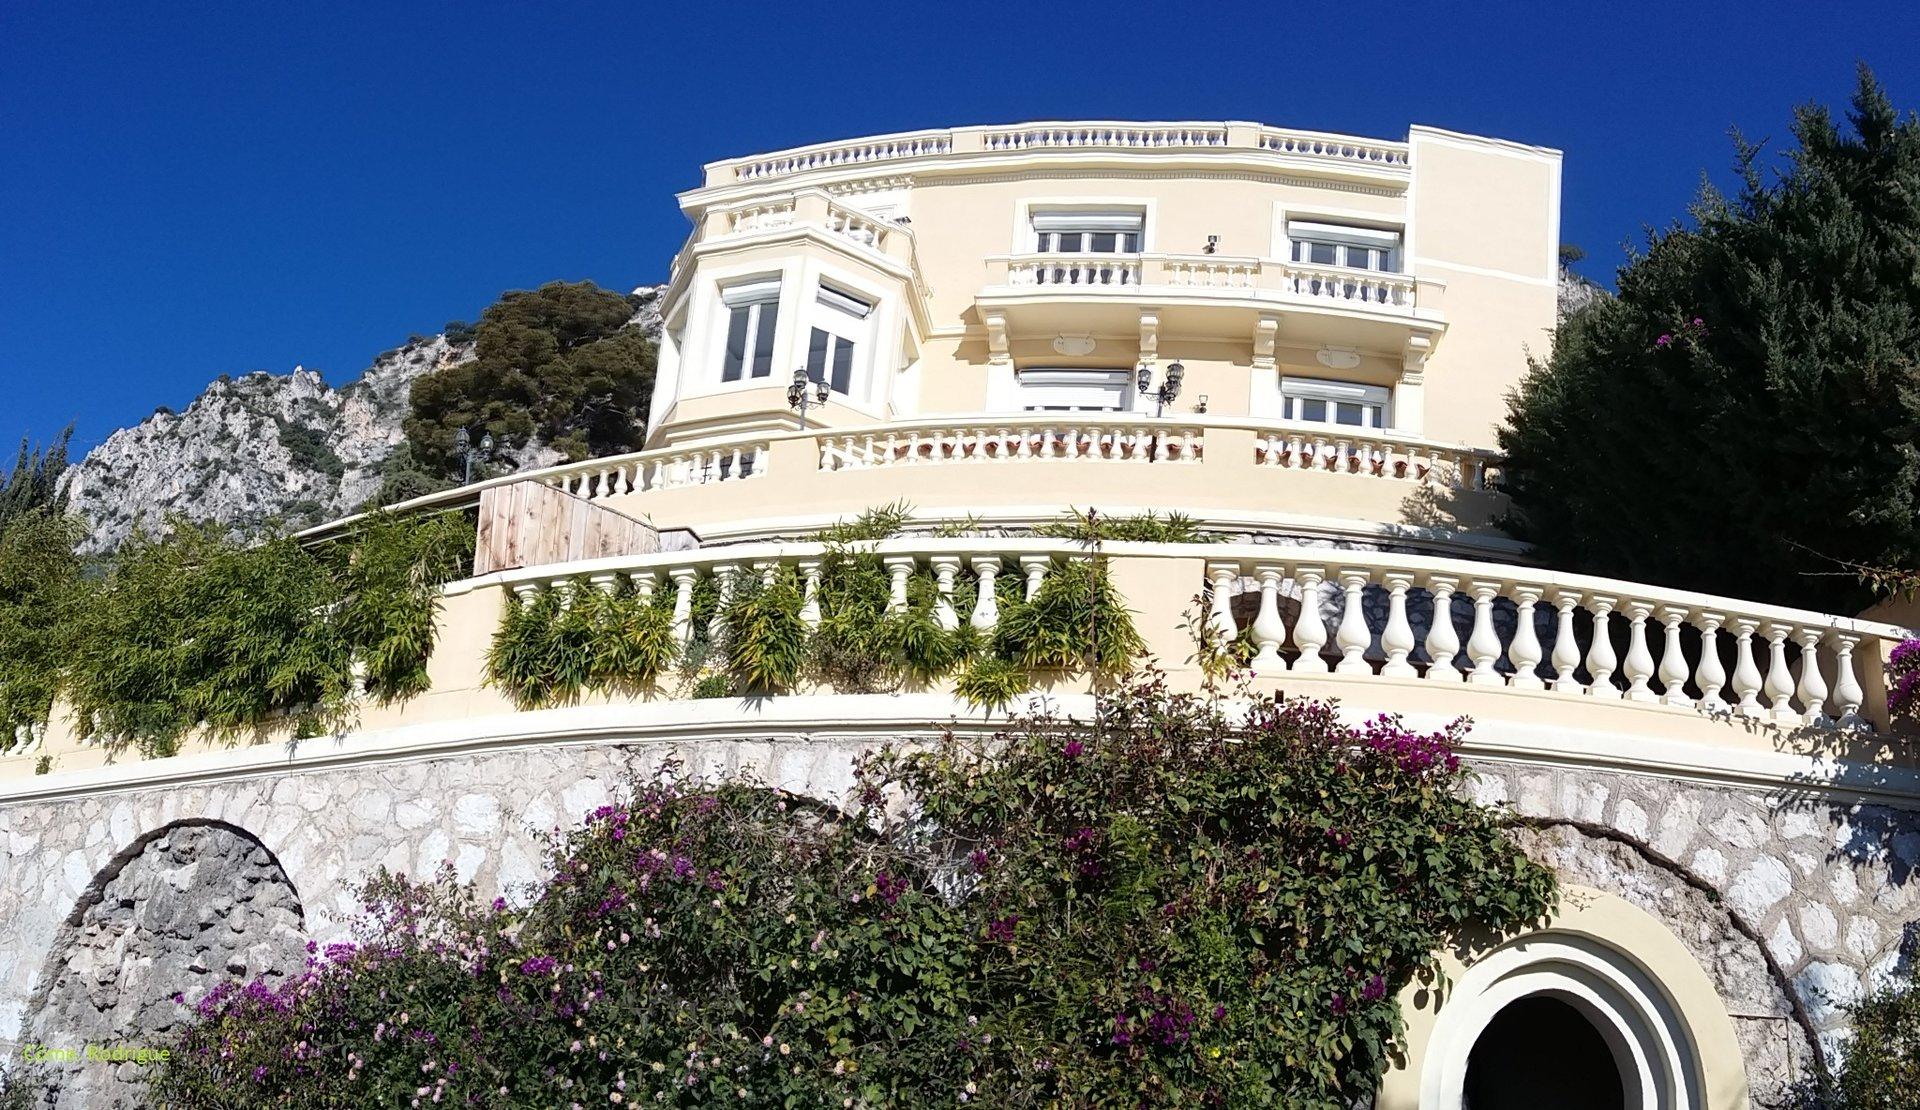 Vendita Villa - Beaulieu-sur-Mer